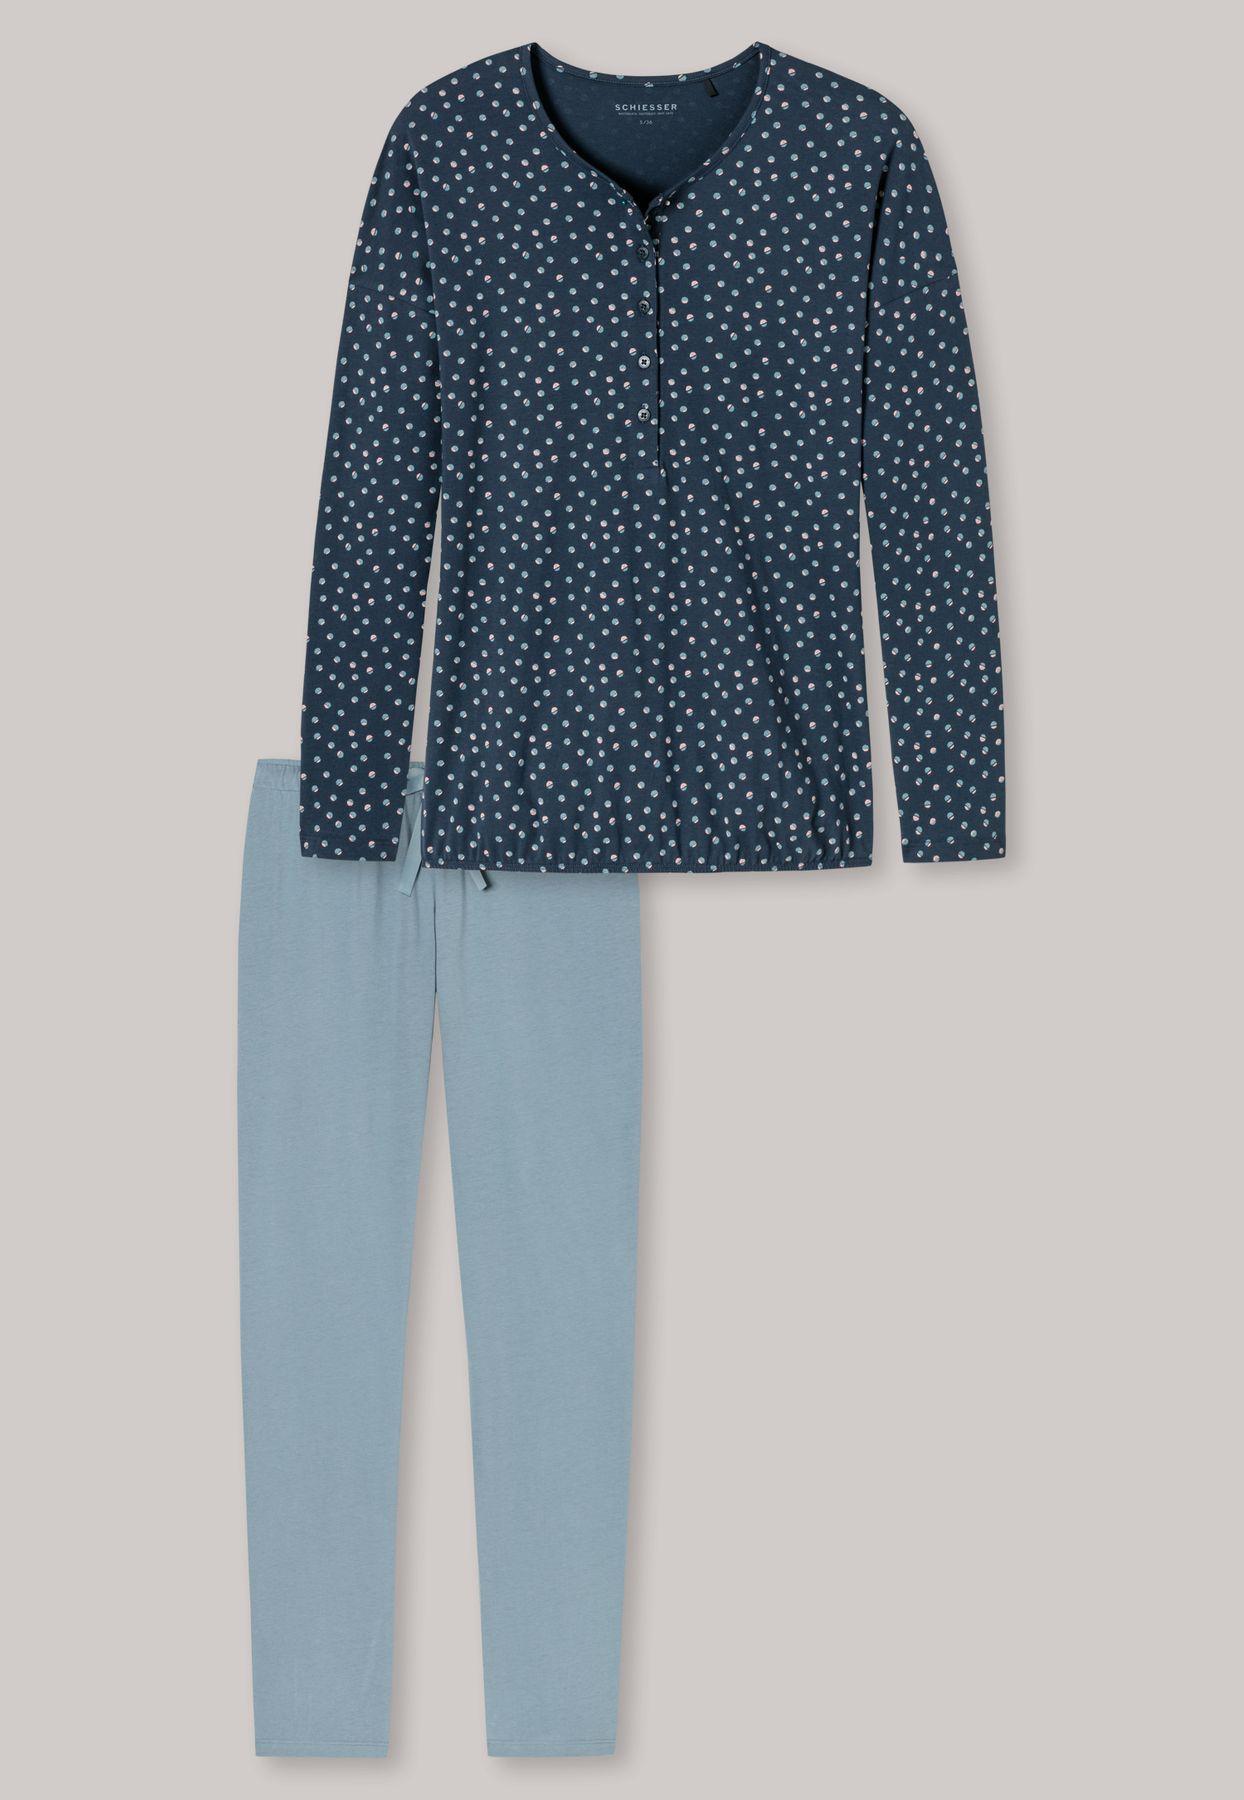 Schiesser - Damen Schlafanzug lang, Knopfleiste mehrfarbig gemustert - Aura (162987-808) – Bild 4